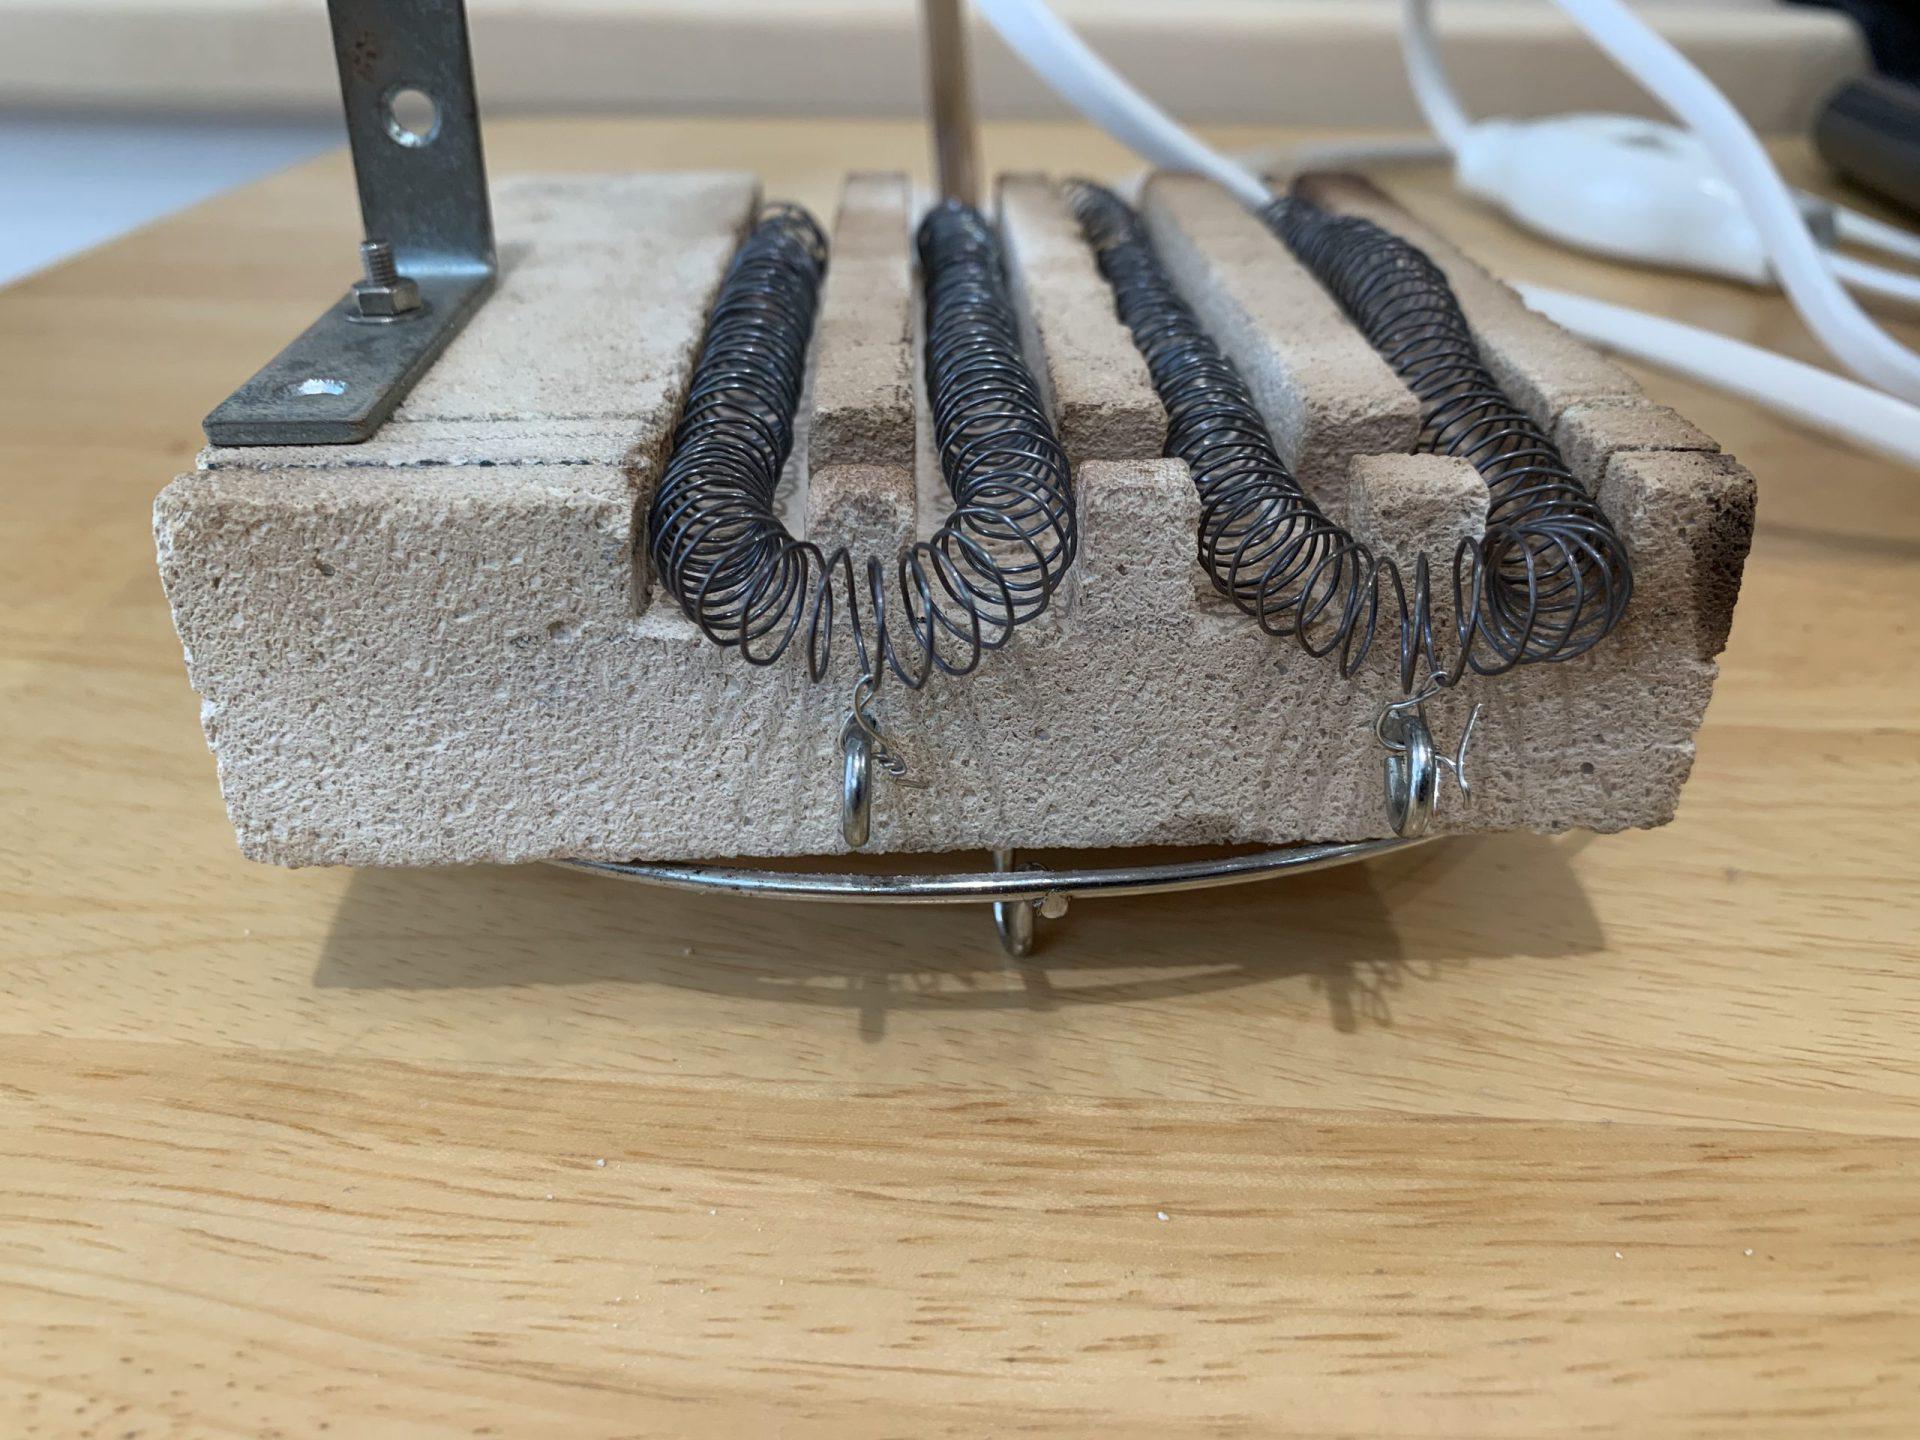 【改良】自作の燻製用電熱線ヒーターの不具合を解決した